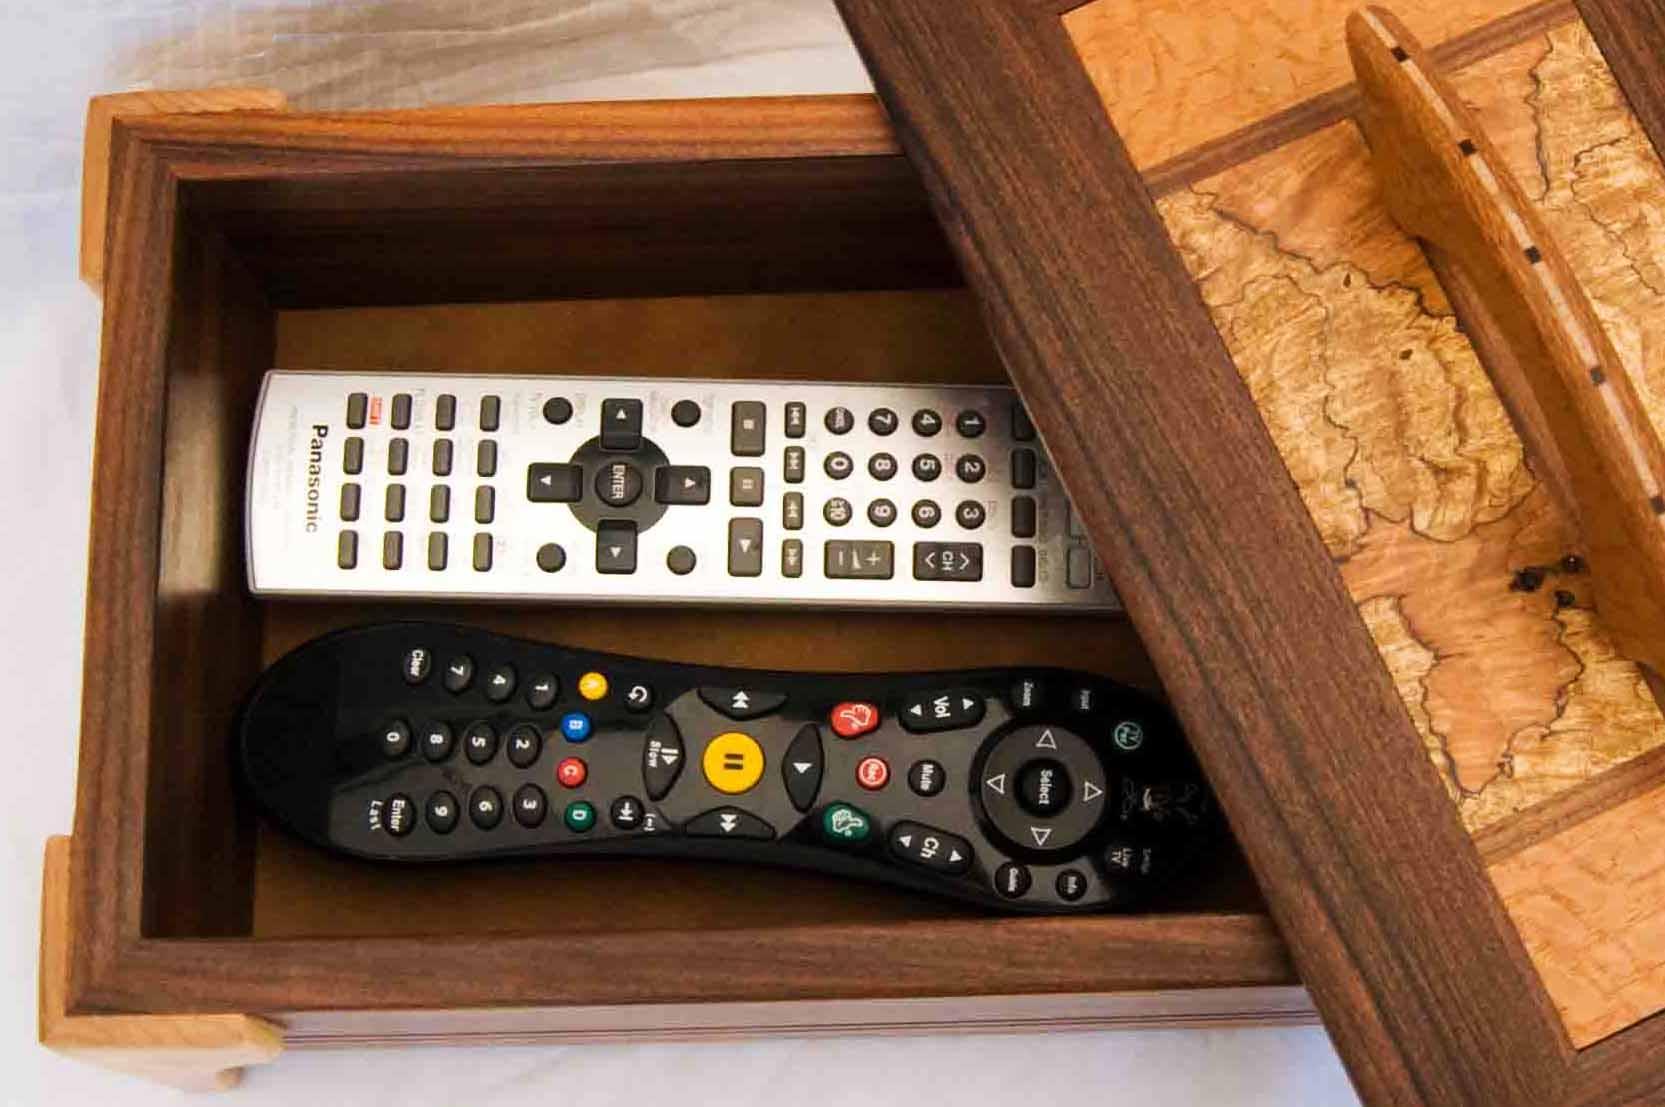 Tv Remote Control Storage Box Designs